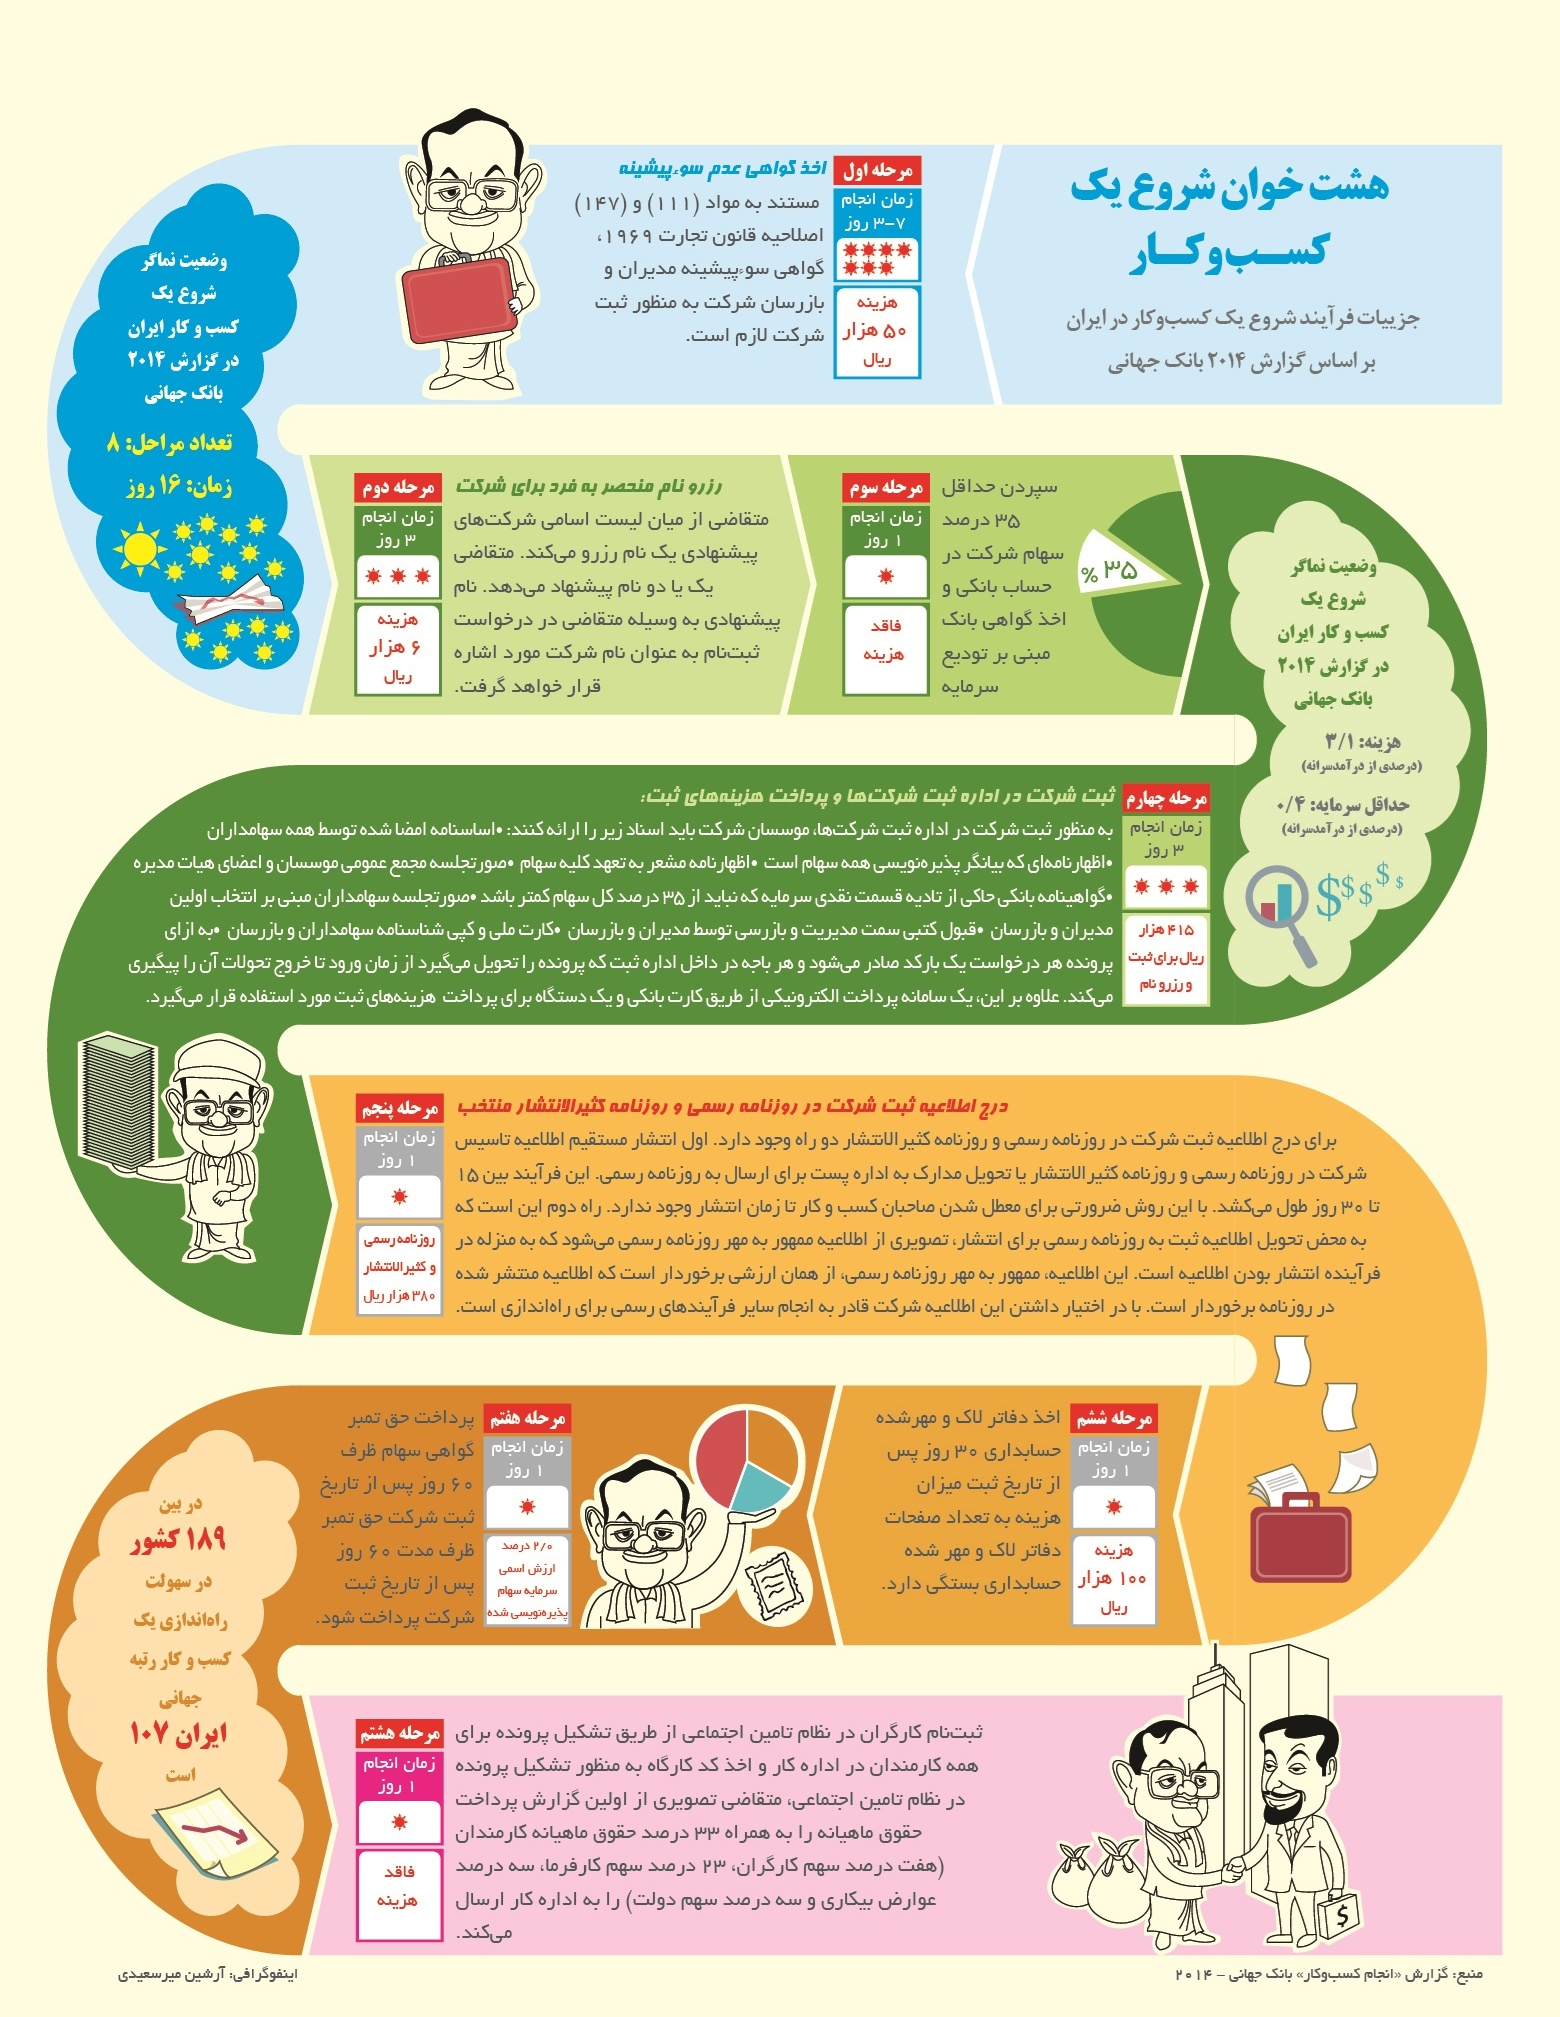 مراحل شروع کسب و کار در ایران